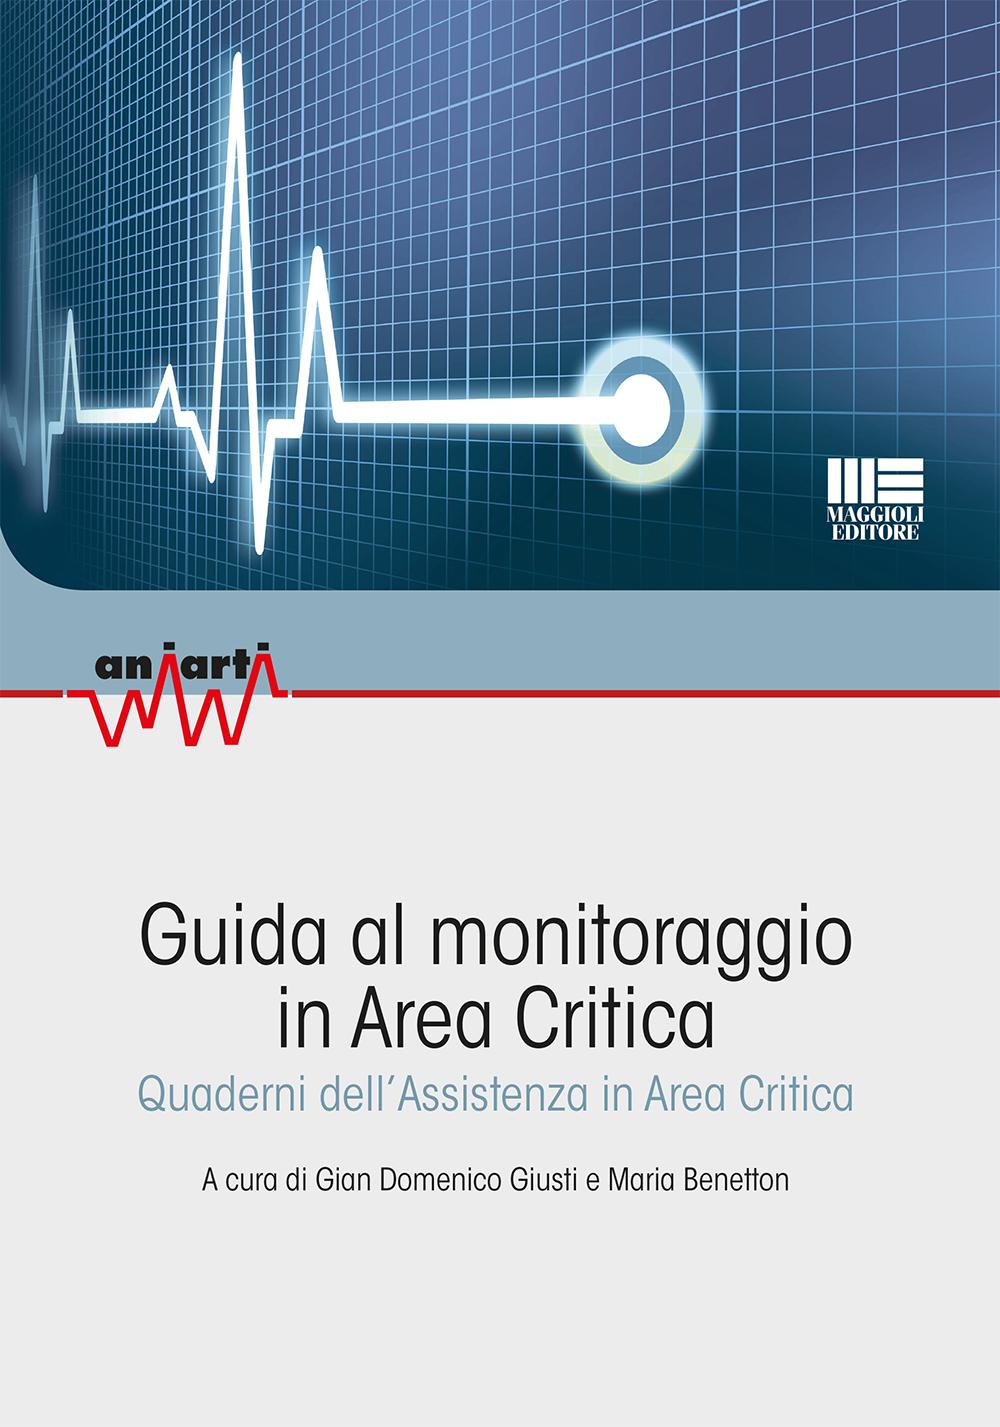 Guida al monitoraggio  in Area Critica